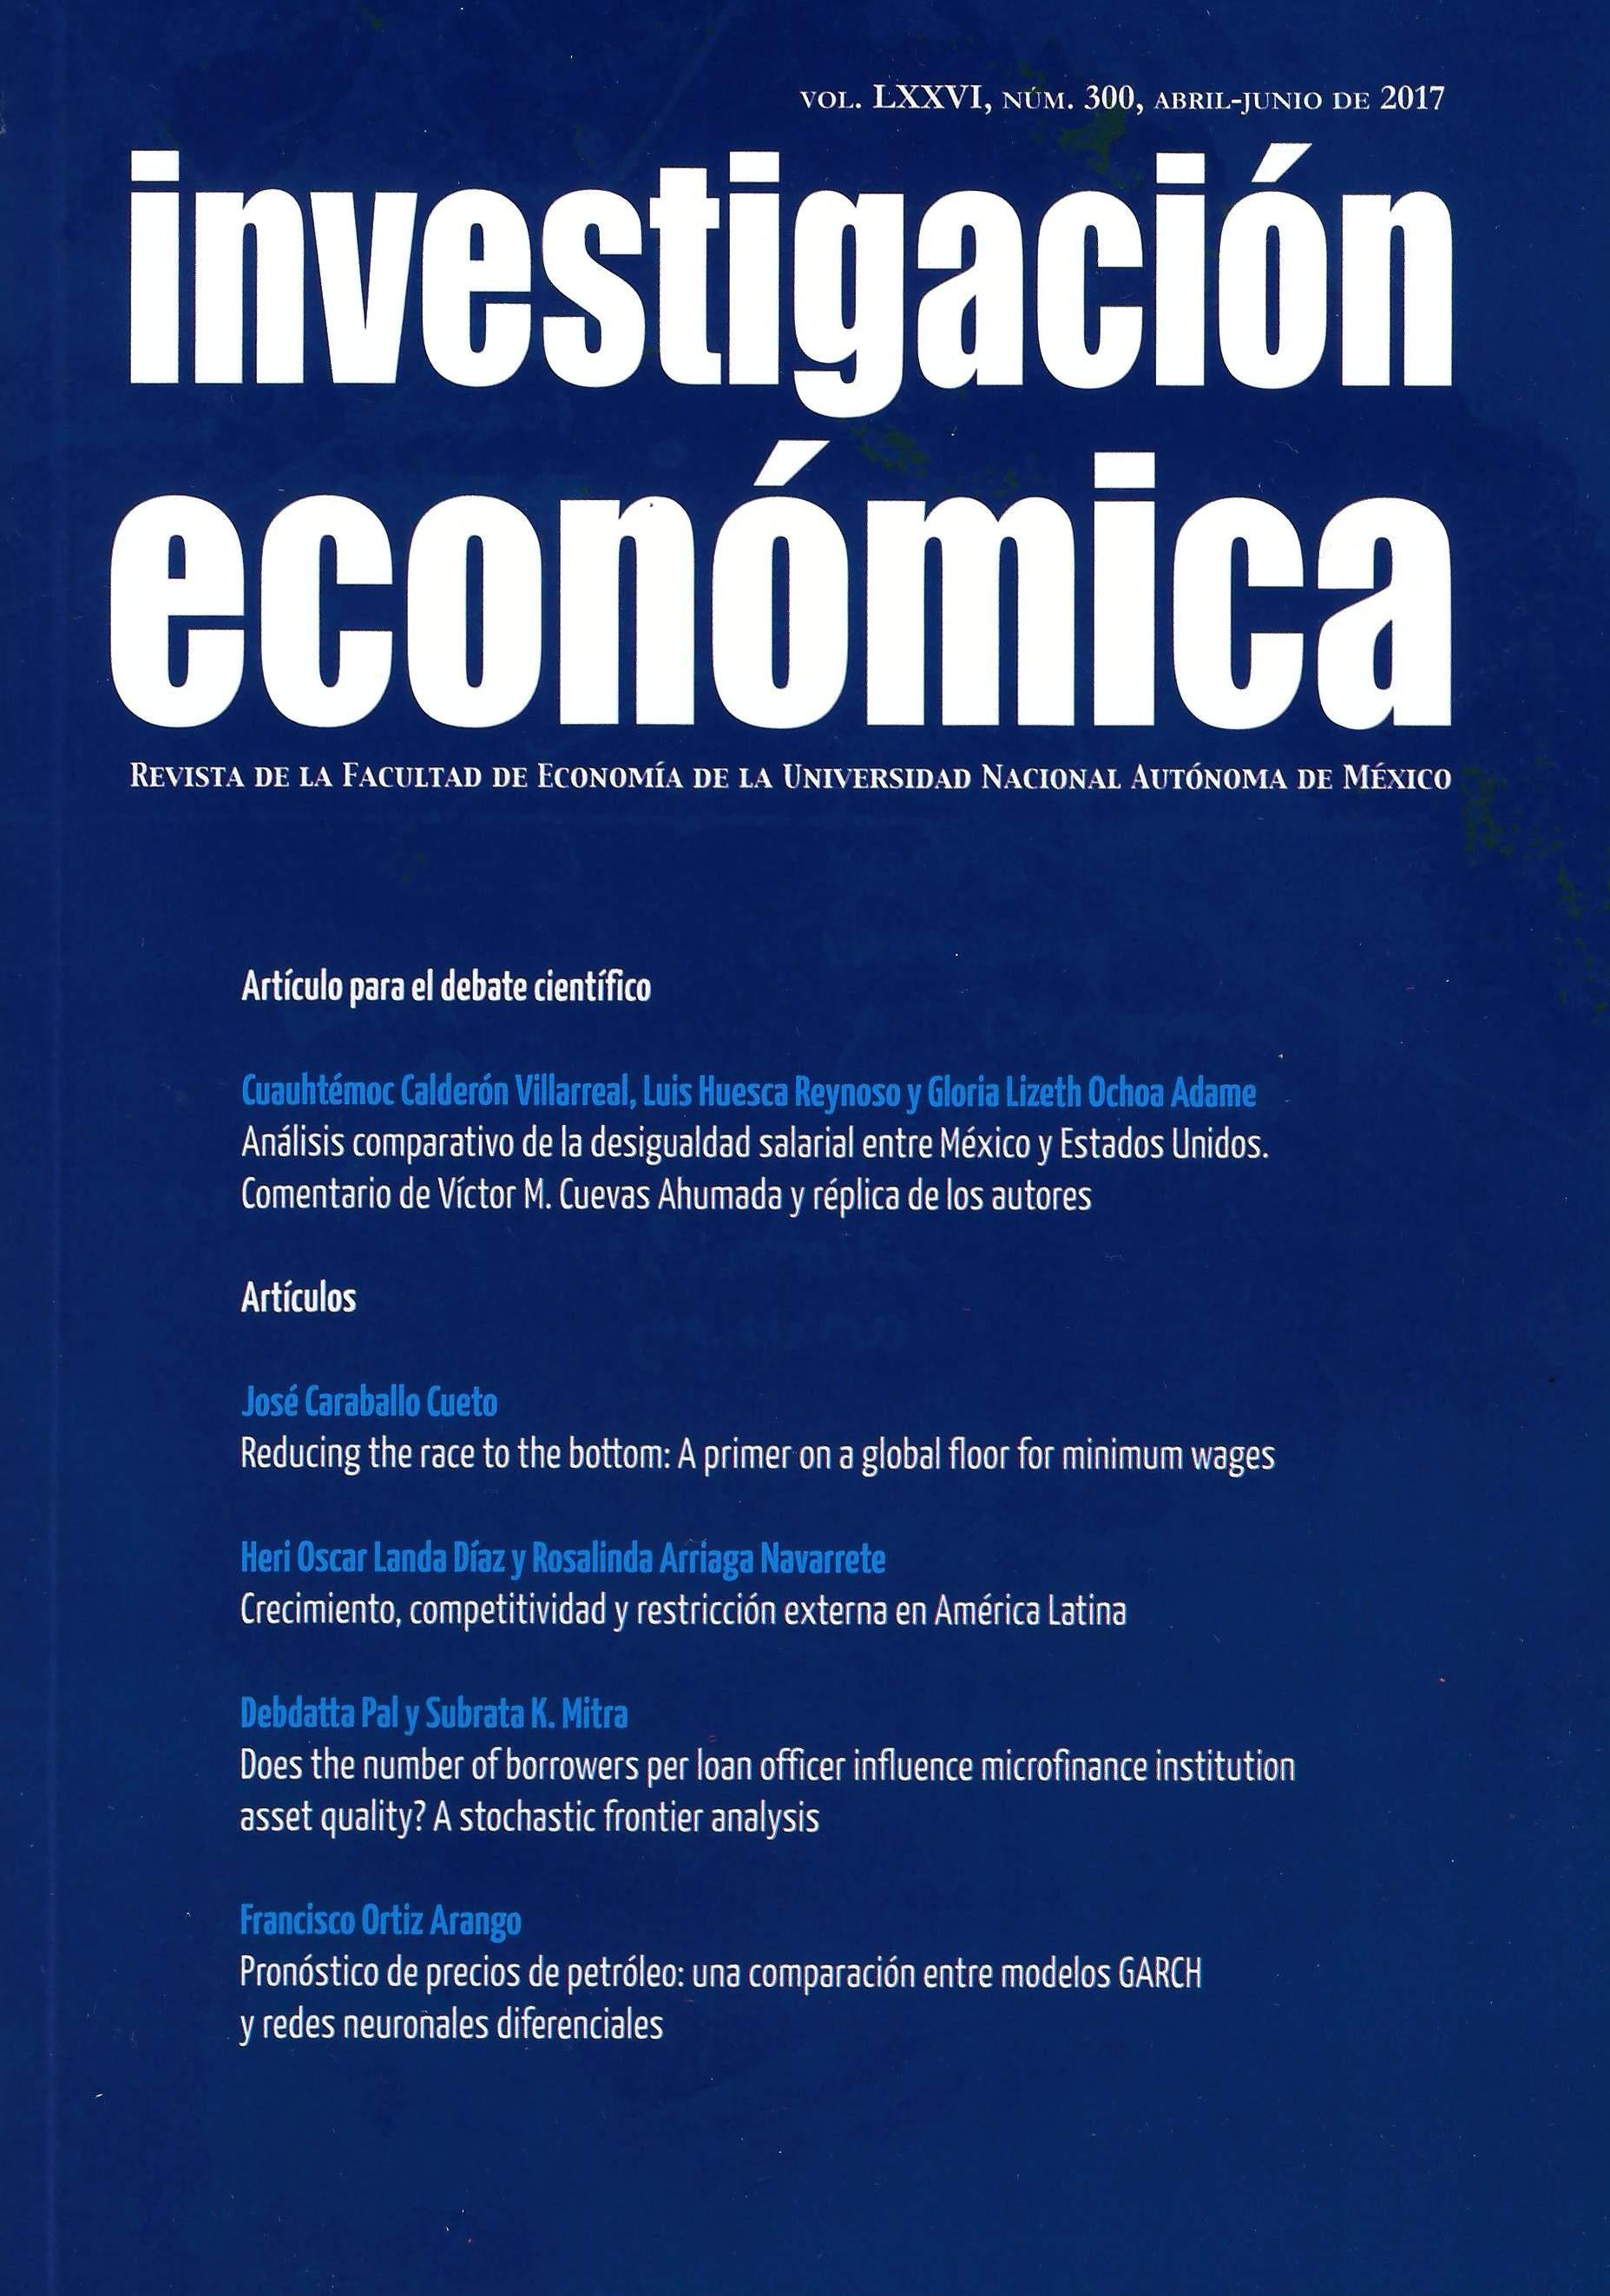 Investigación económica, vol. LXXVI, núm. 300, abril-junio de 2017